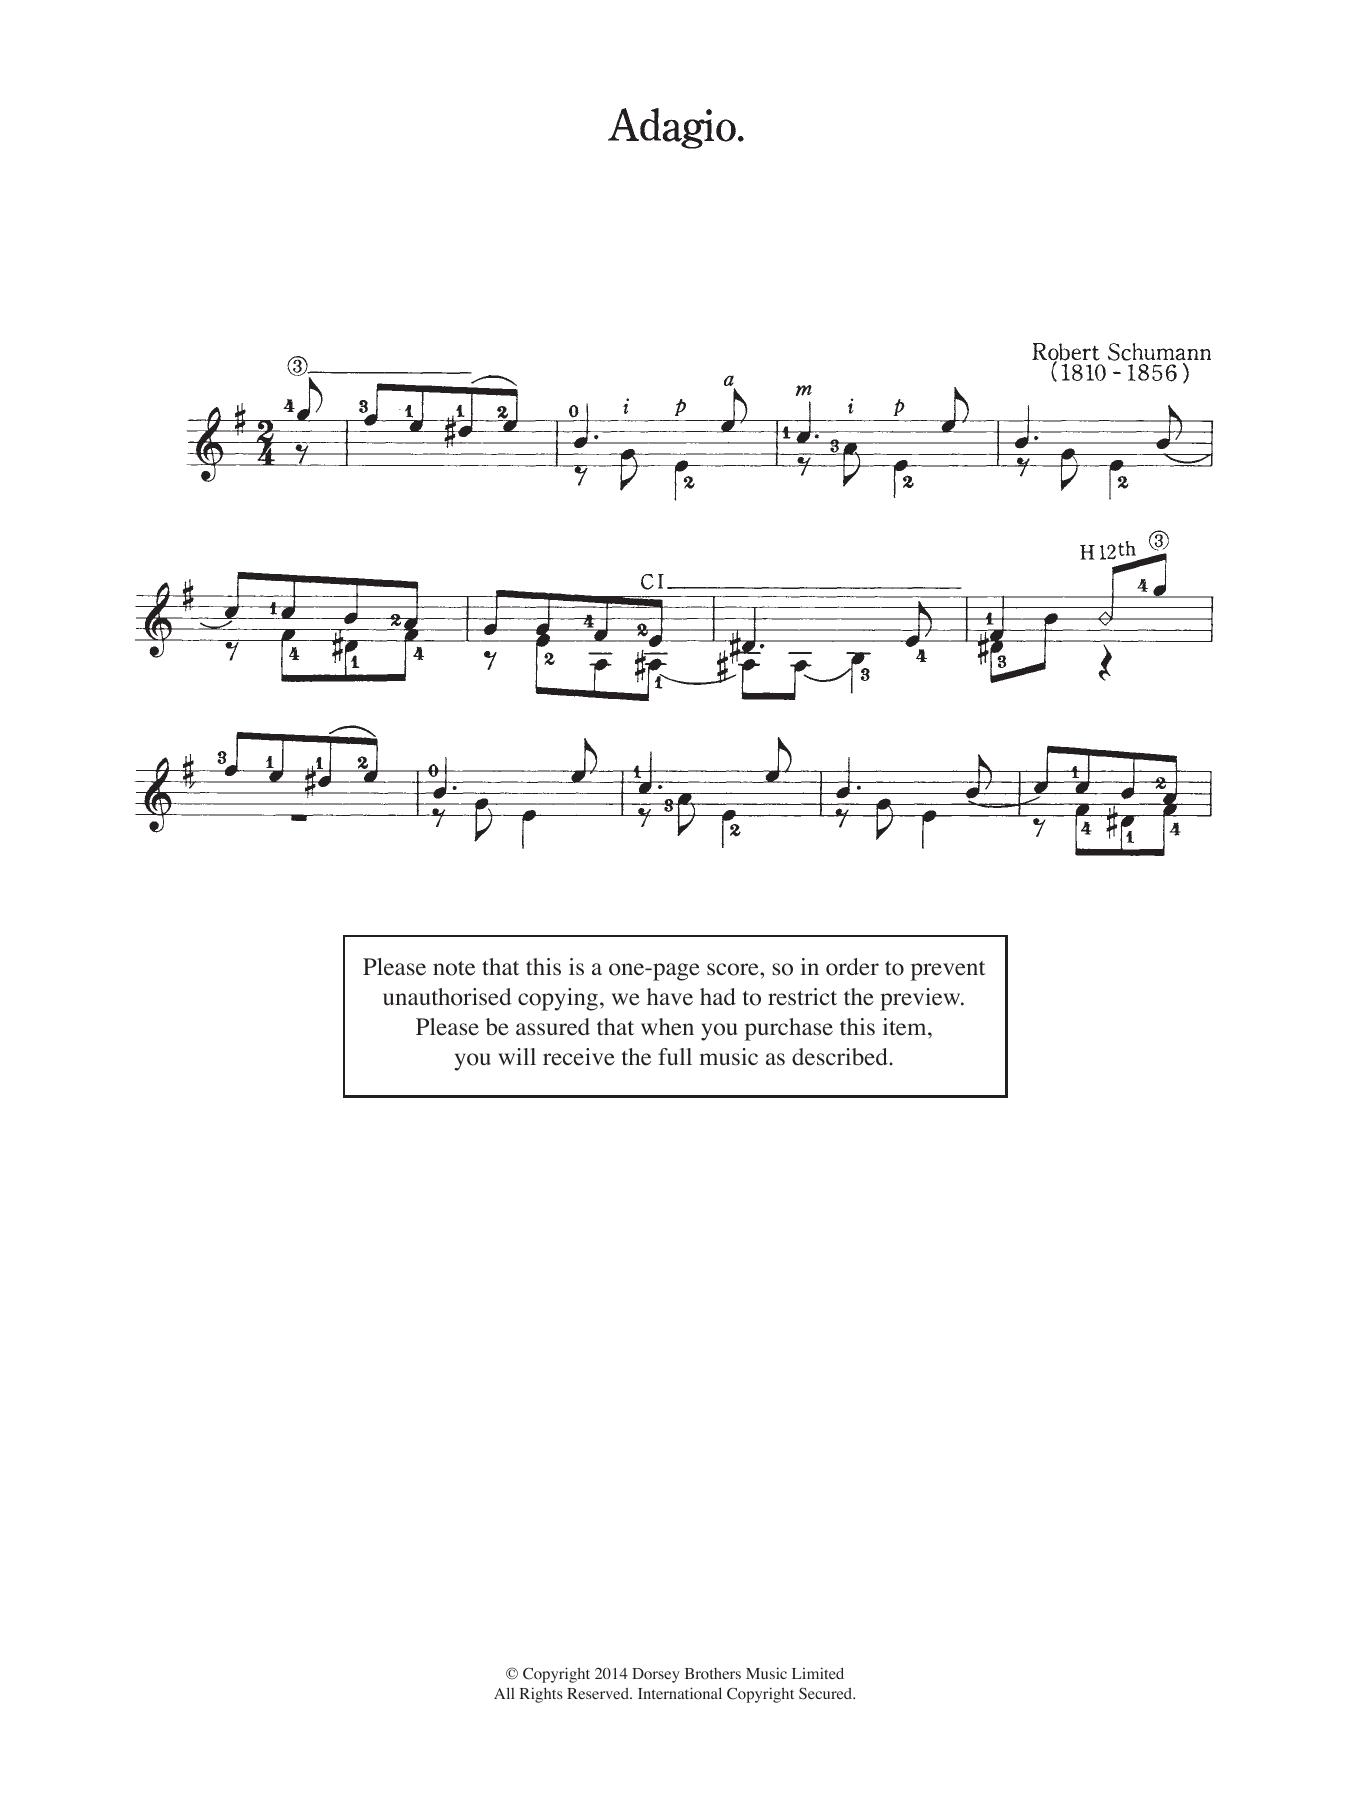 Robert Schumann - Adagio